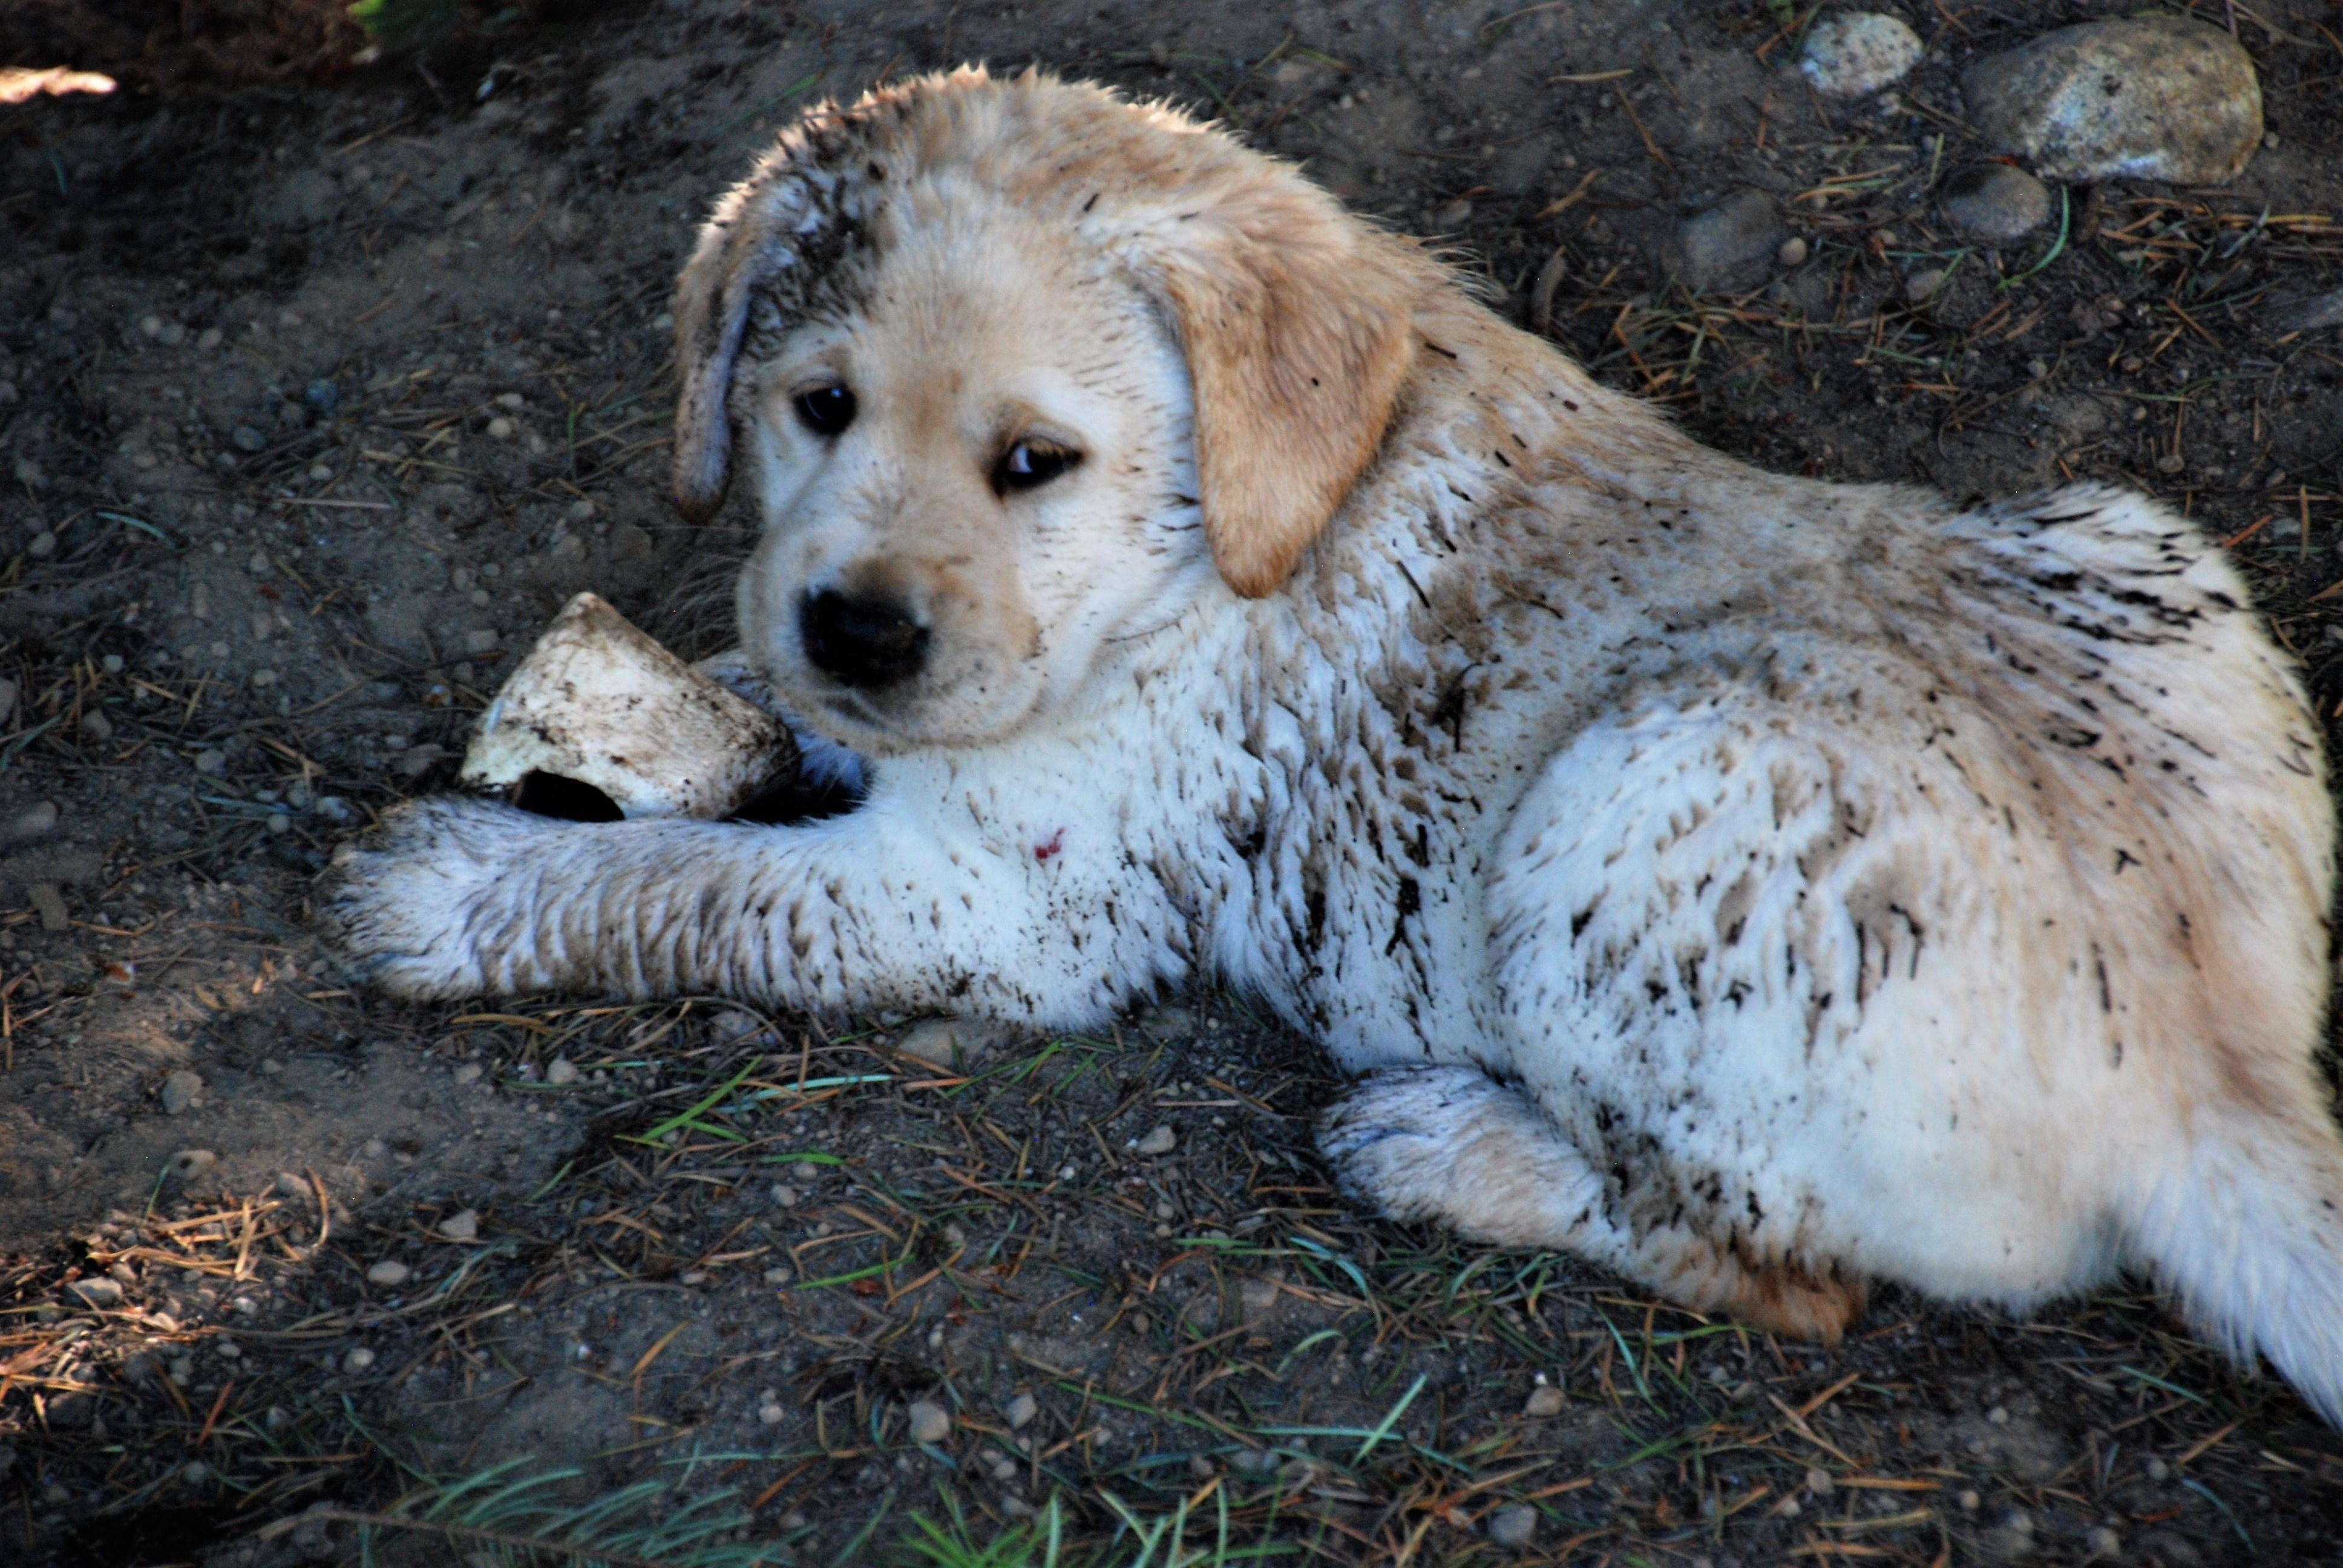 https://0201.nccdn.net/1_2/000/000/13a/bdf/Rosie-Pups-2017c-3872x2592.jpg